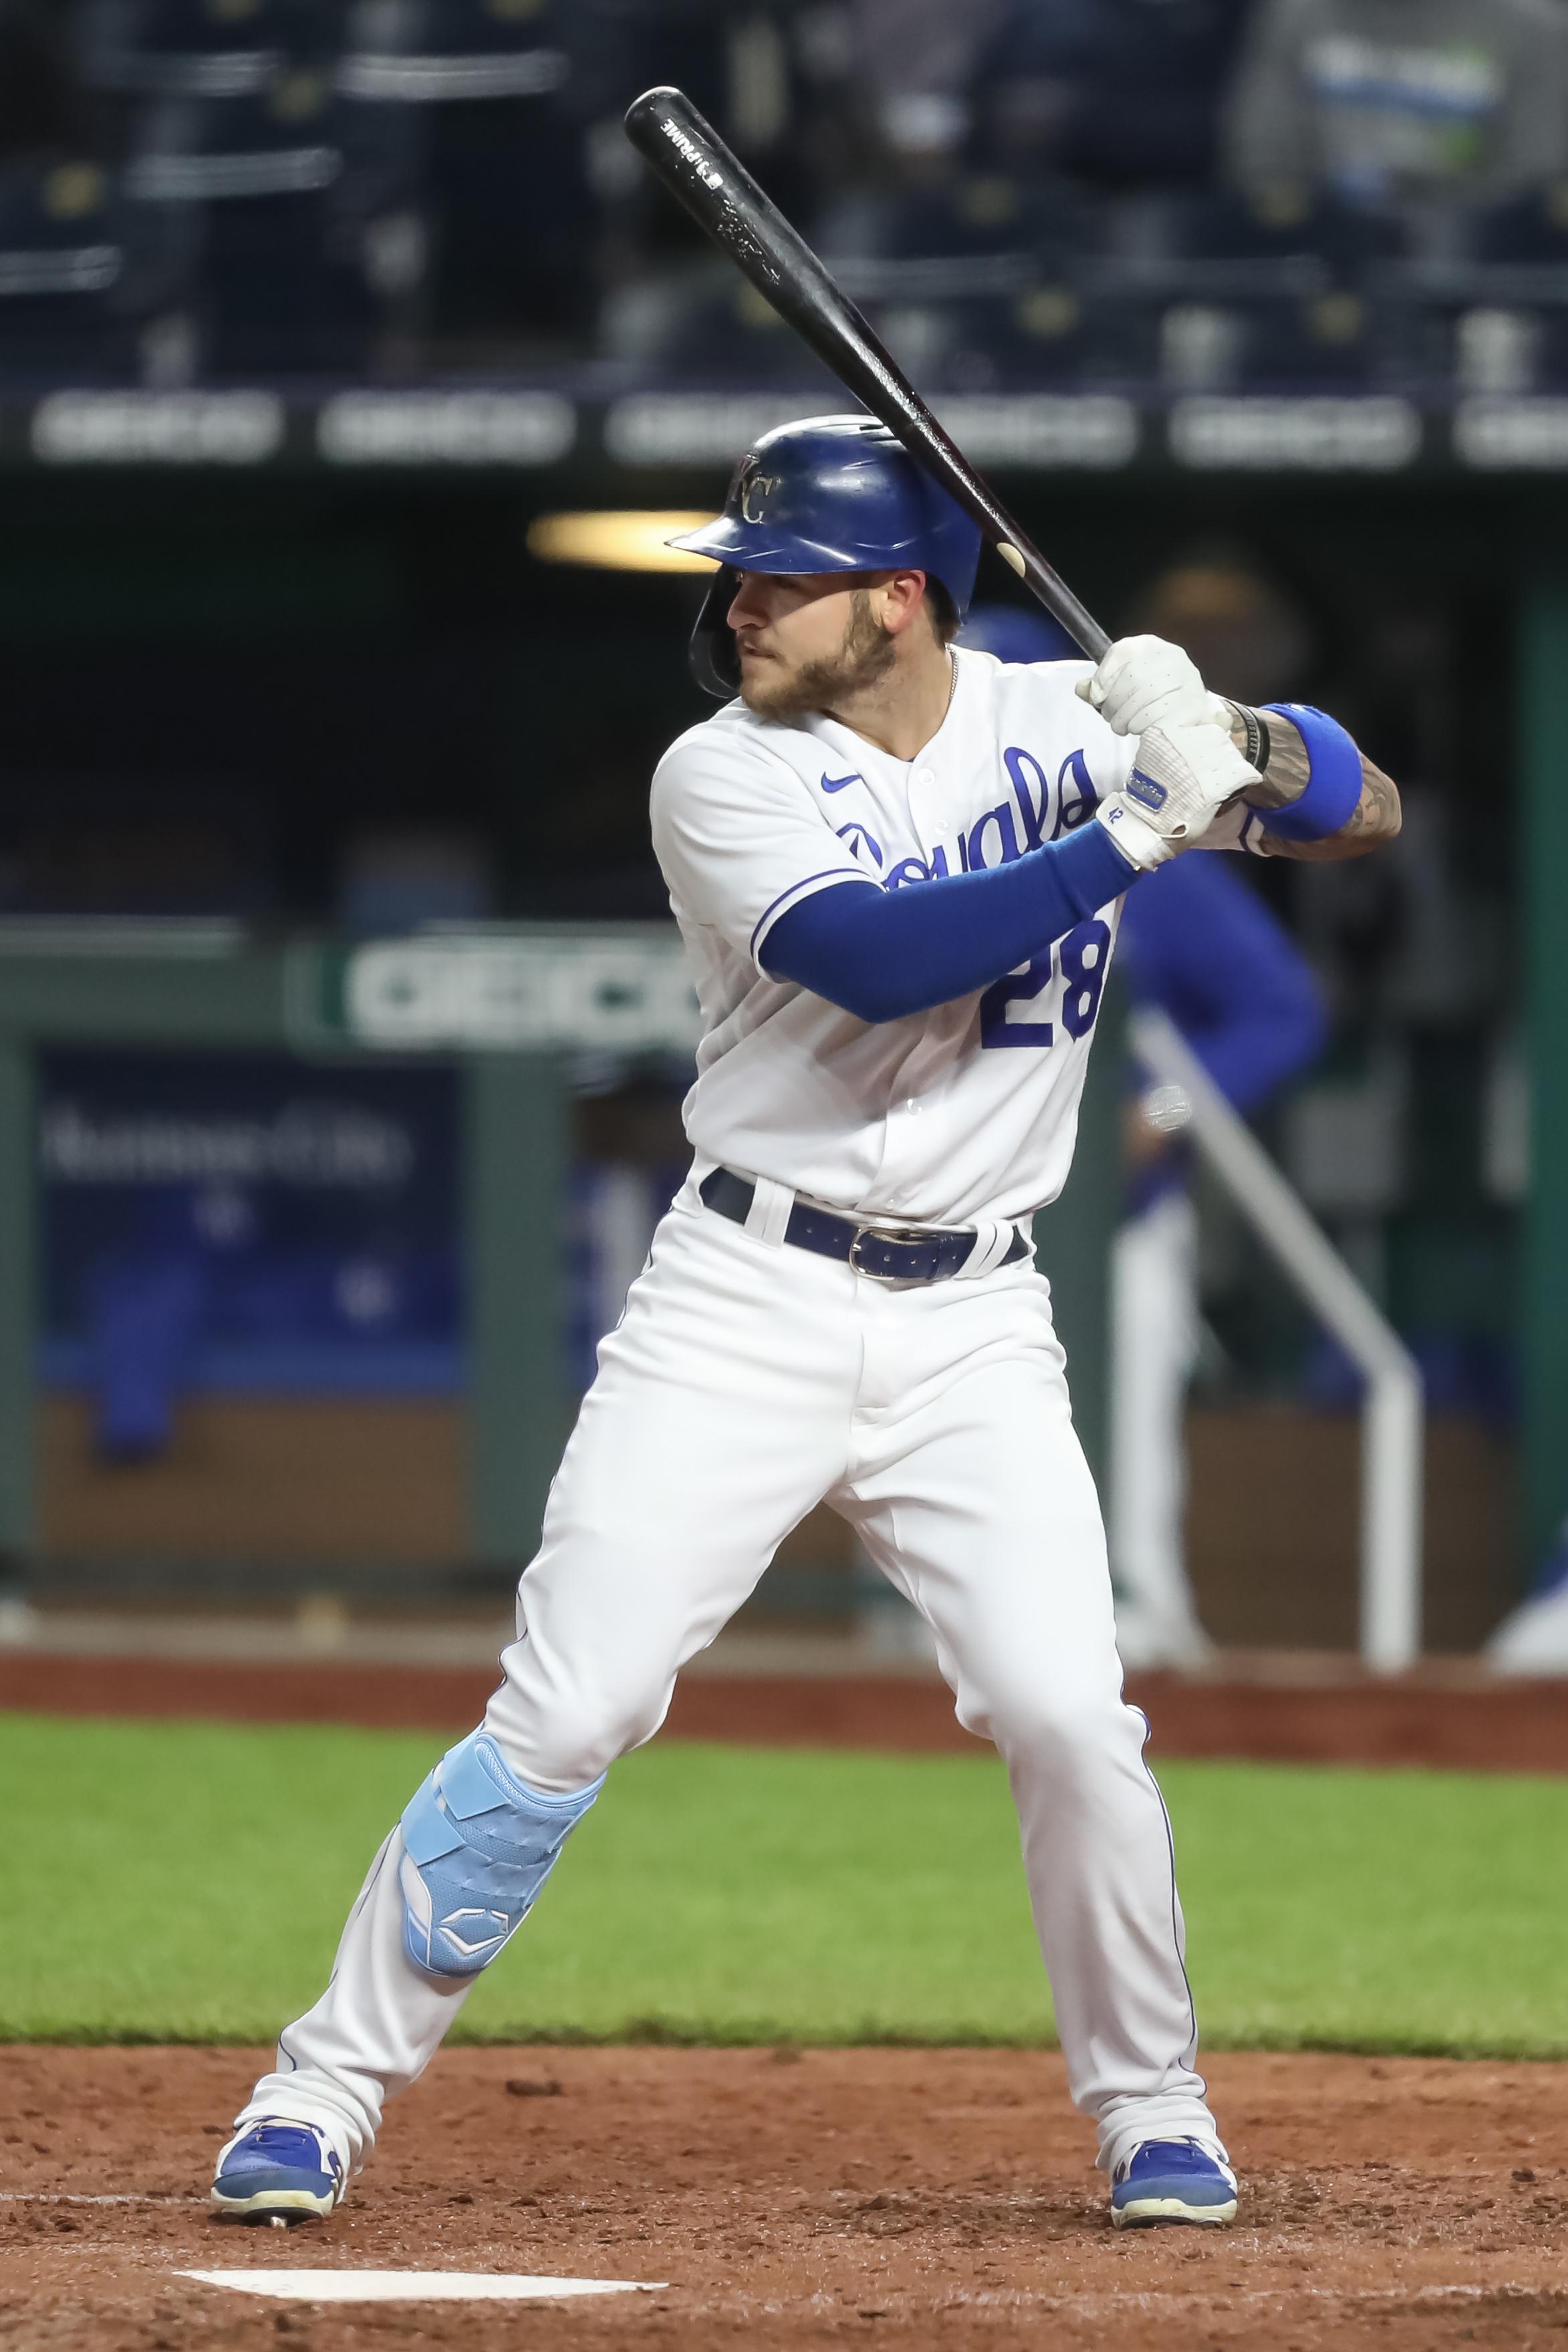 MLB: APR 21 Rays at Royals